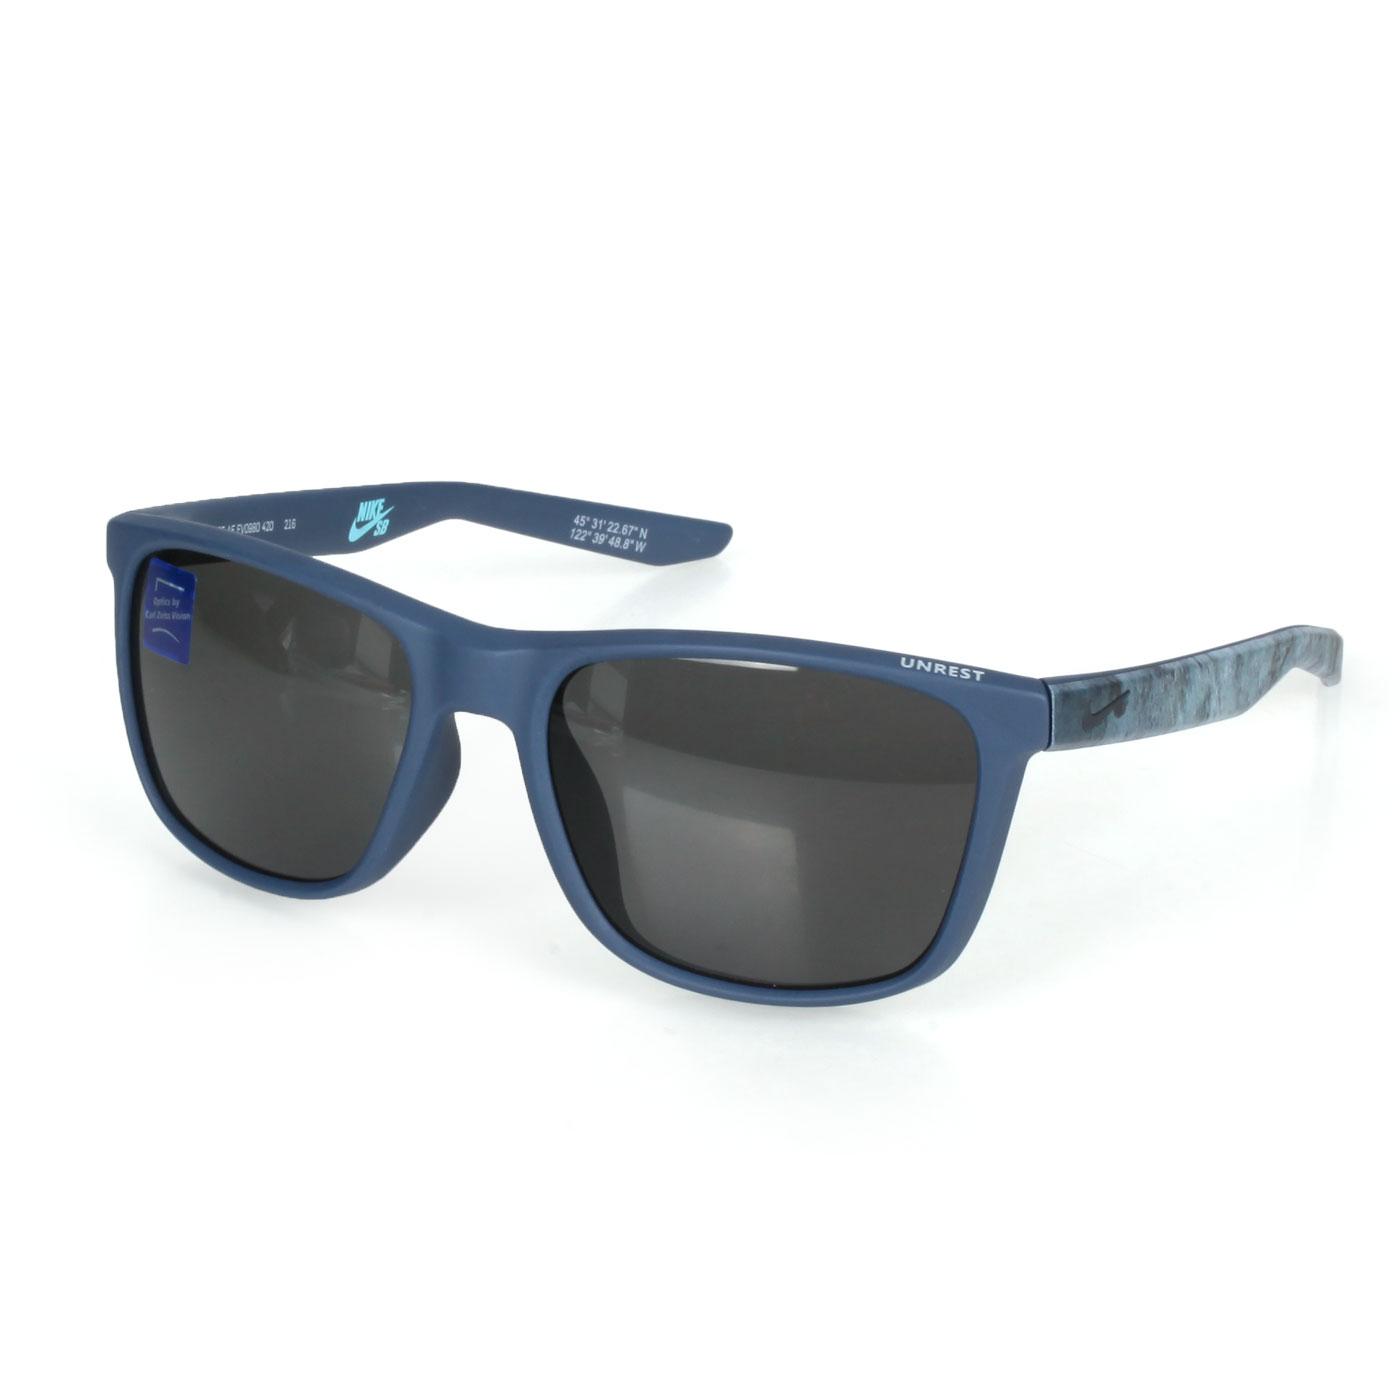 NIKE VISION UNREST SE AF 太陽眼鏡 EV0980-420 - 丈青灰